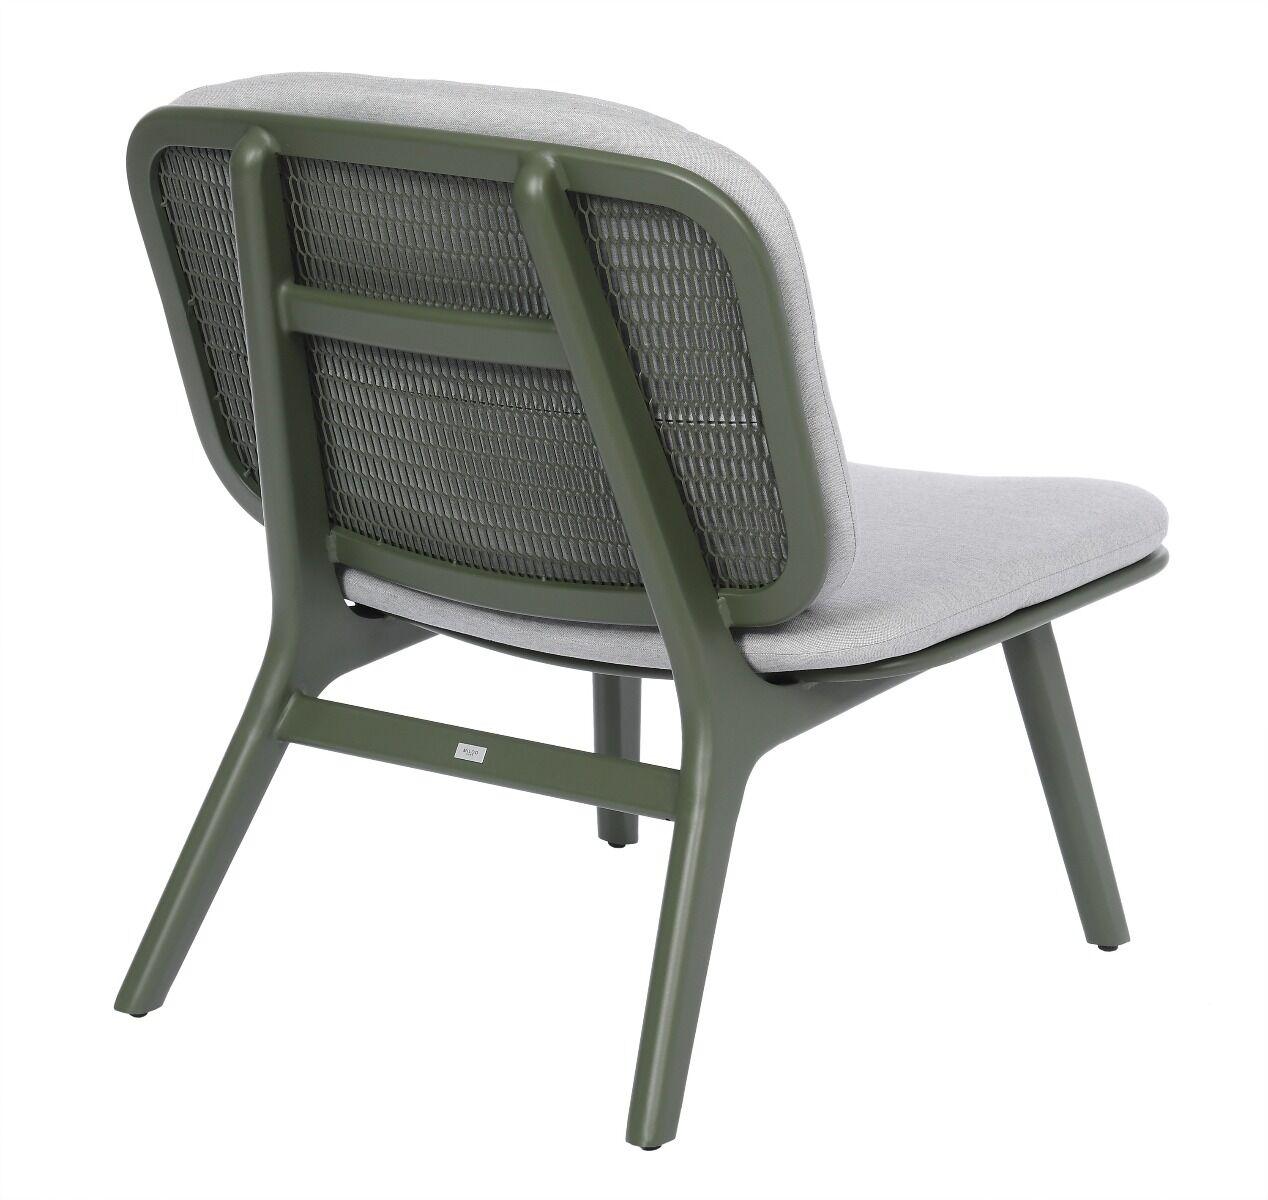 Fotel ogrodowy Narvi 87x79x92 cm